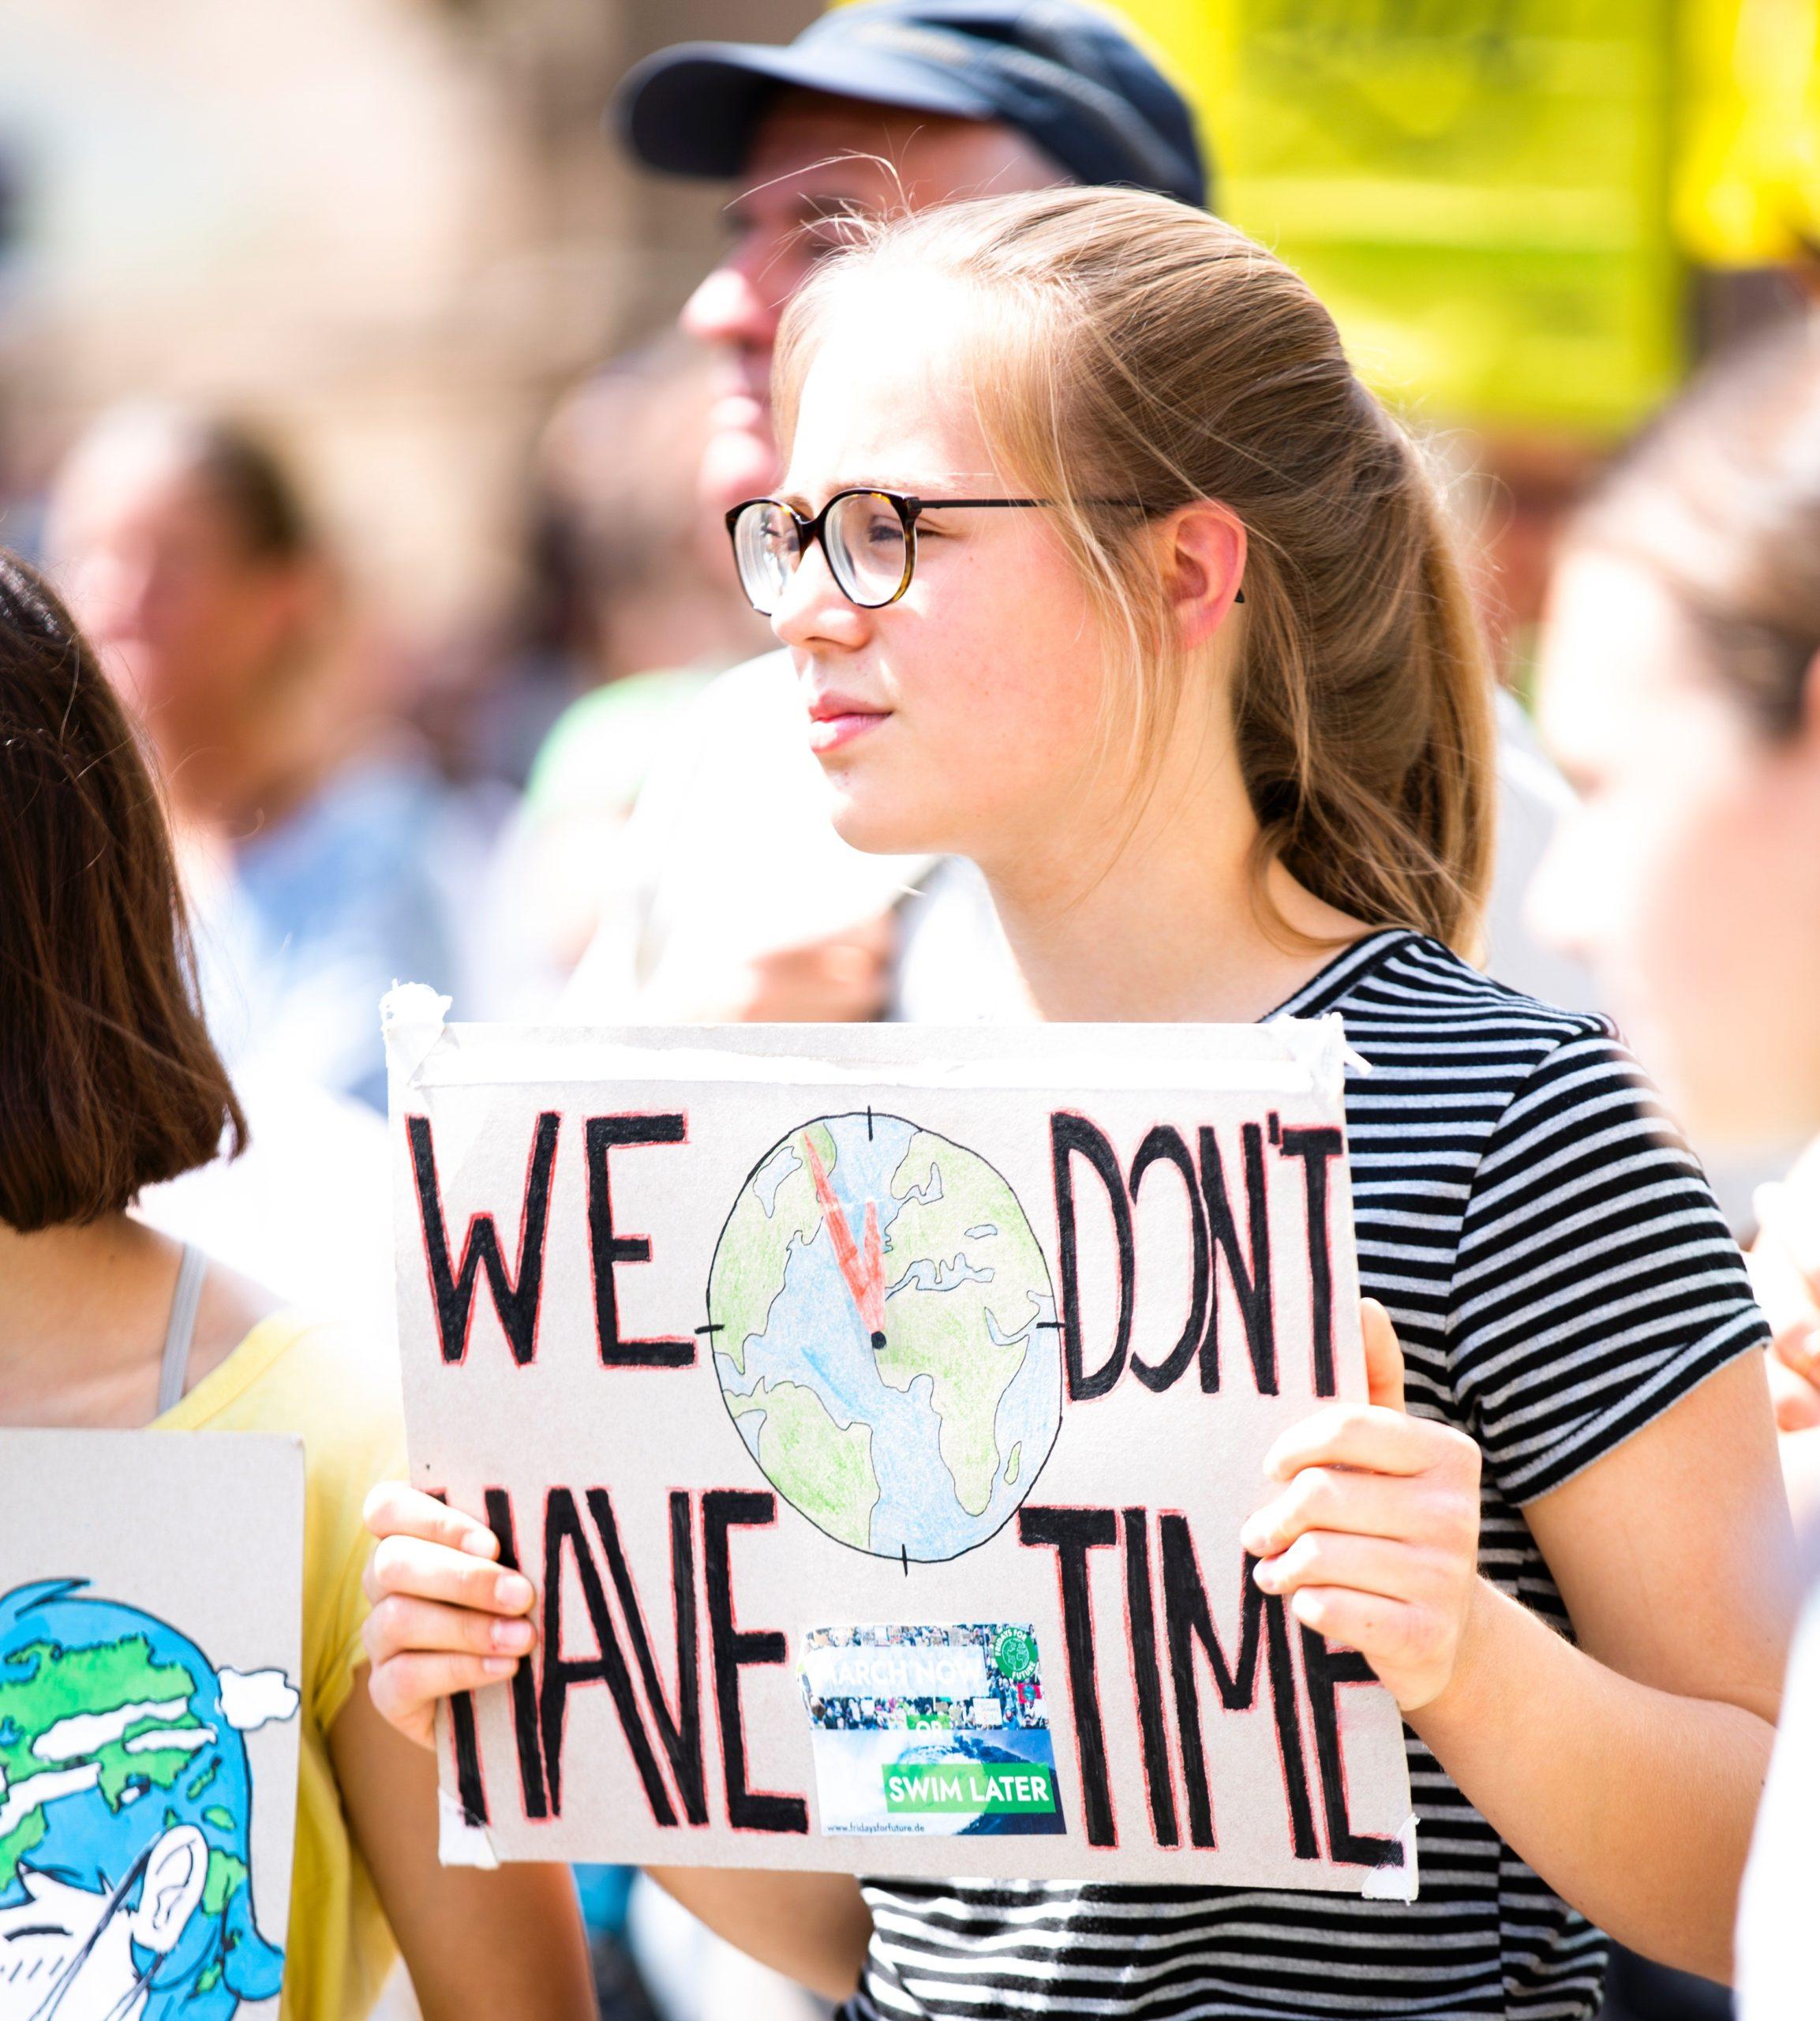 AHA 030 | Deine Mitmenschen und Dein Planet brauchen DICH – Wie wir gemeinsam bis 2030 eine gerechtere und nachhaltigere Welt erschaffen können